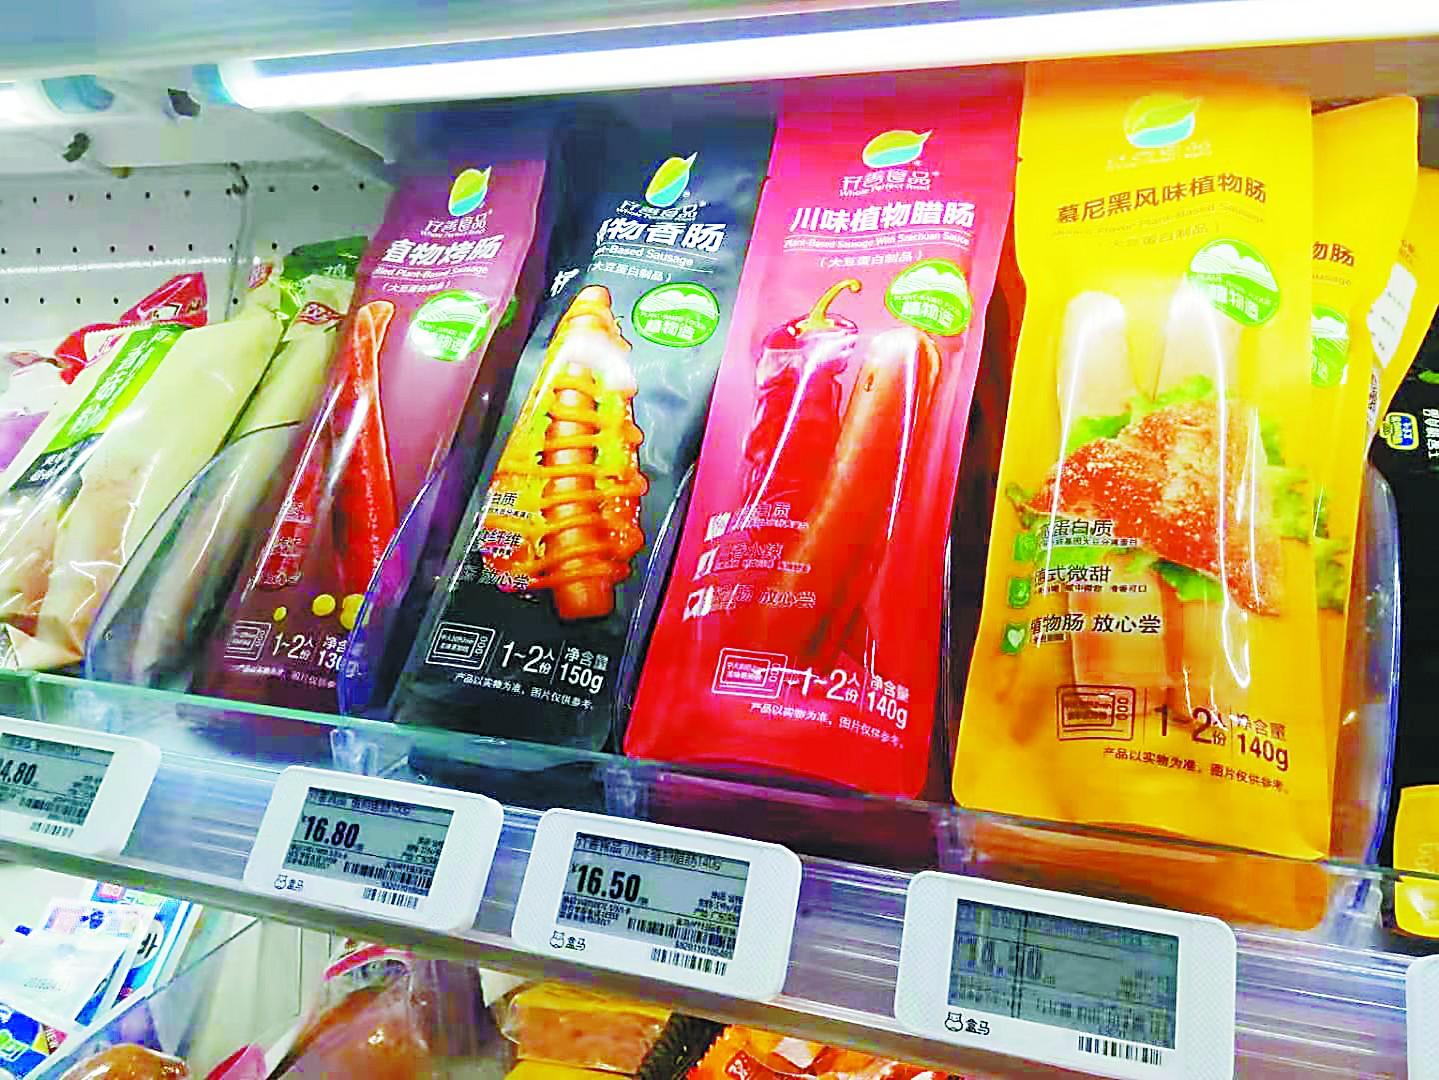 素食潮下,走进中国人造肉企业